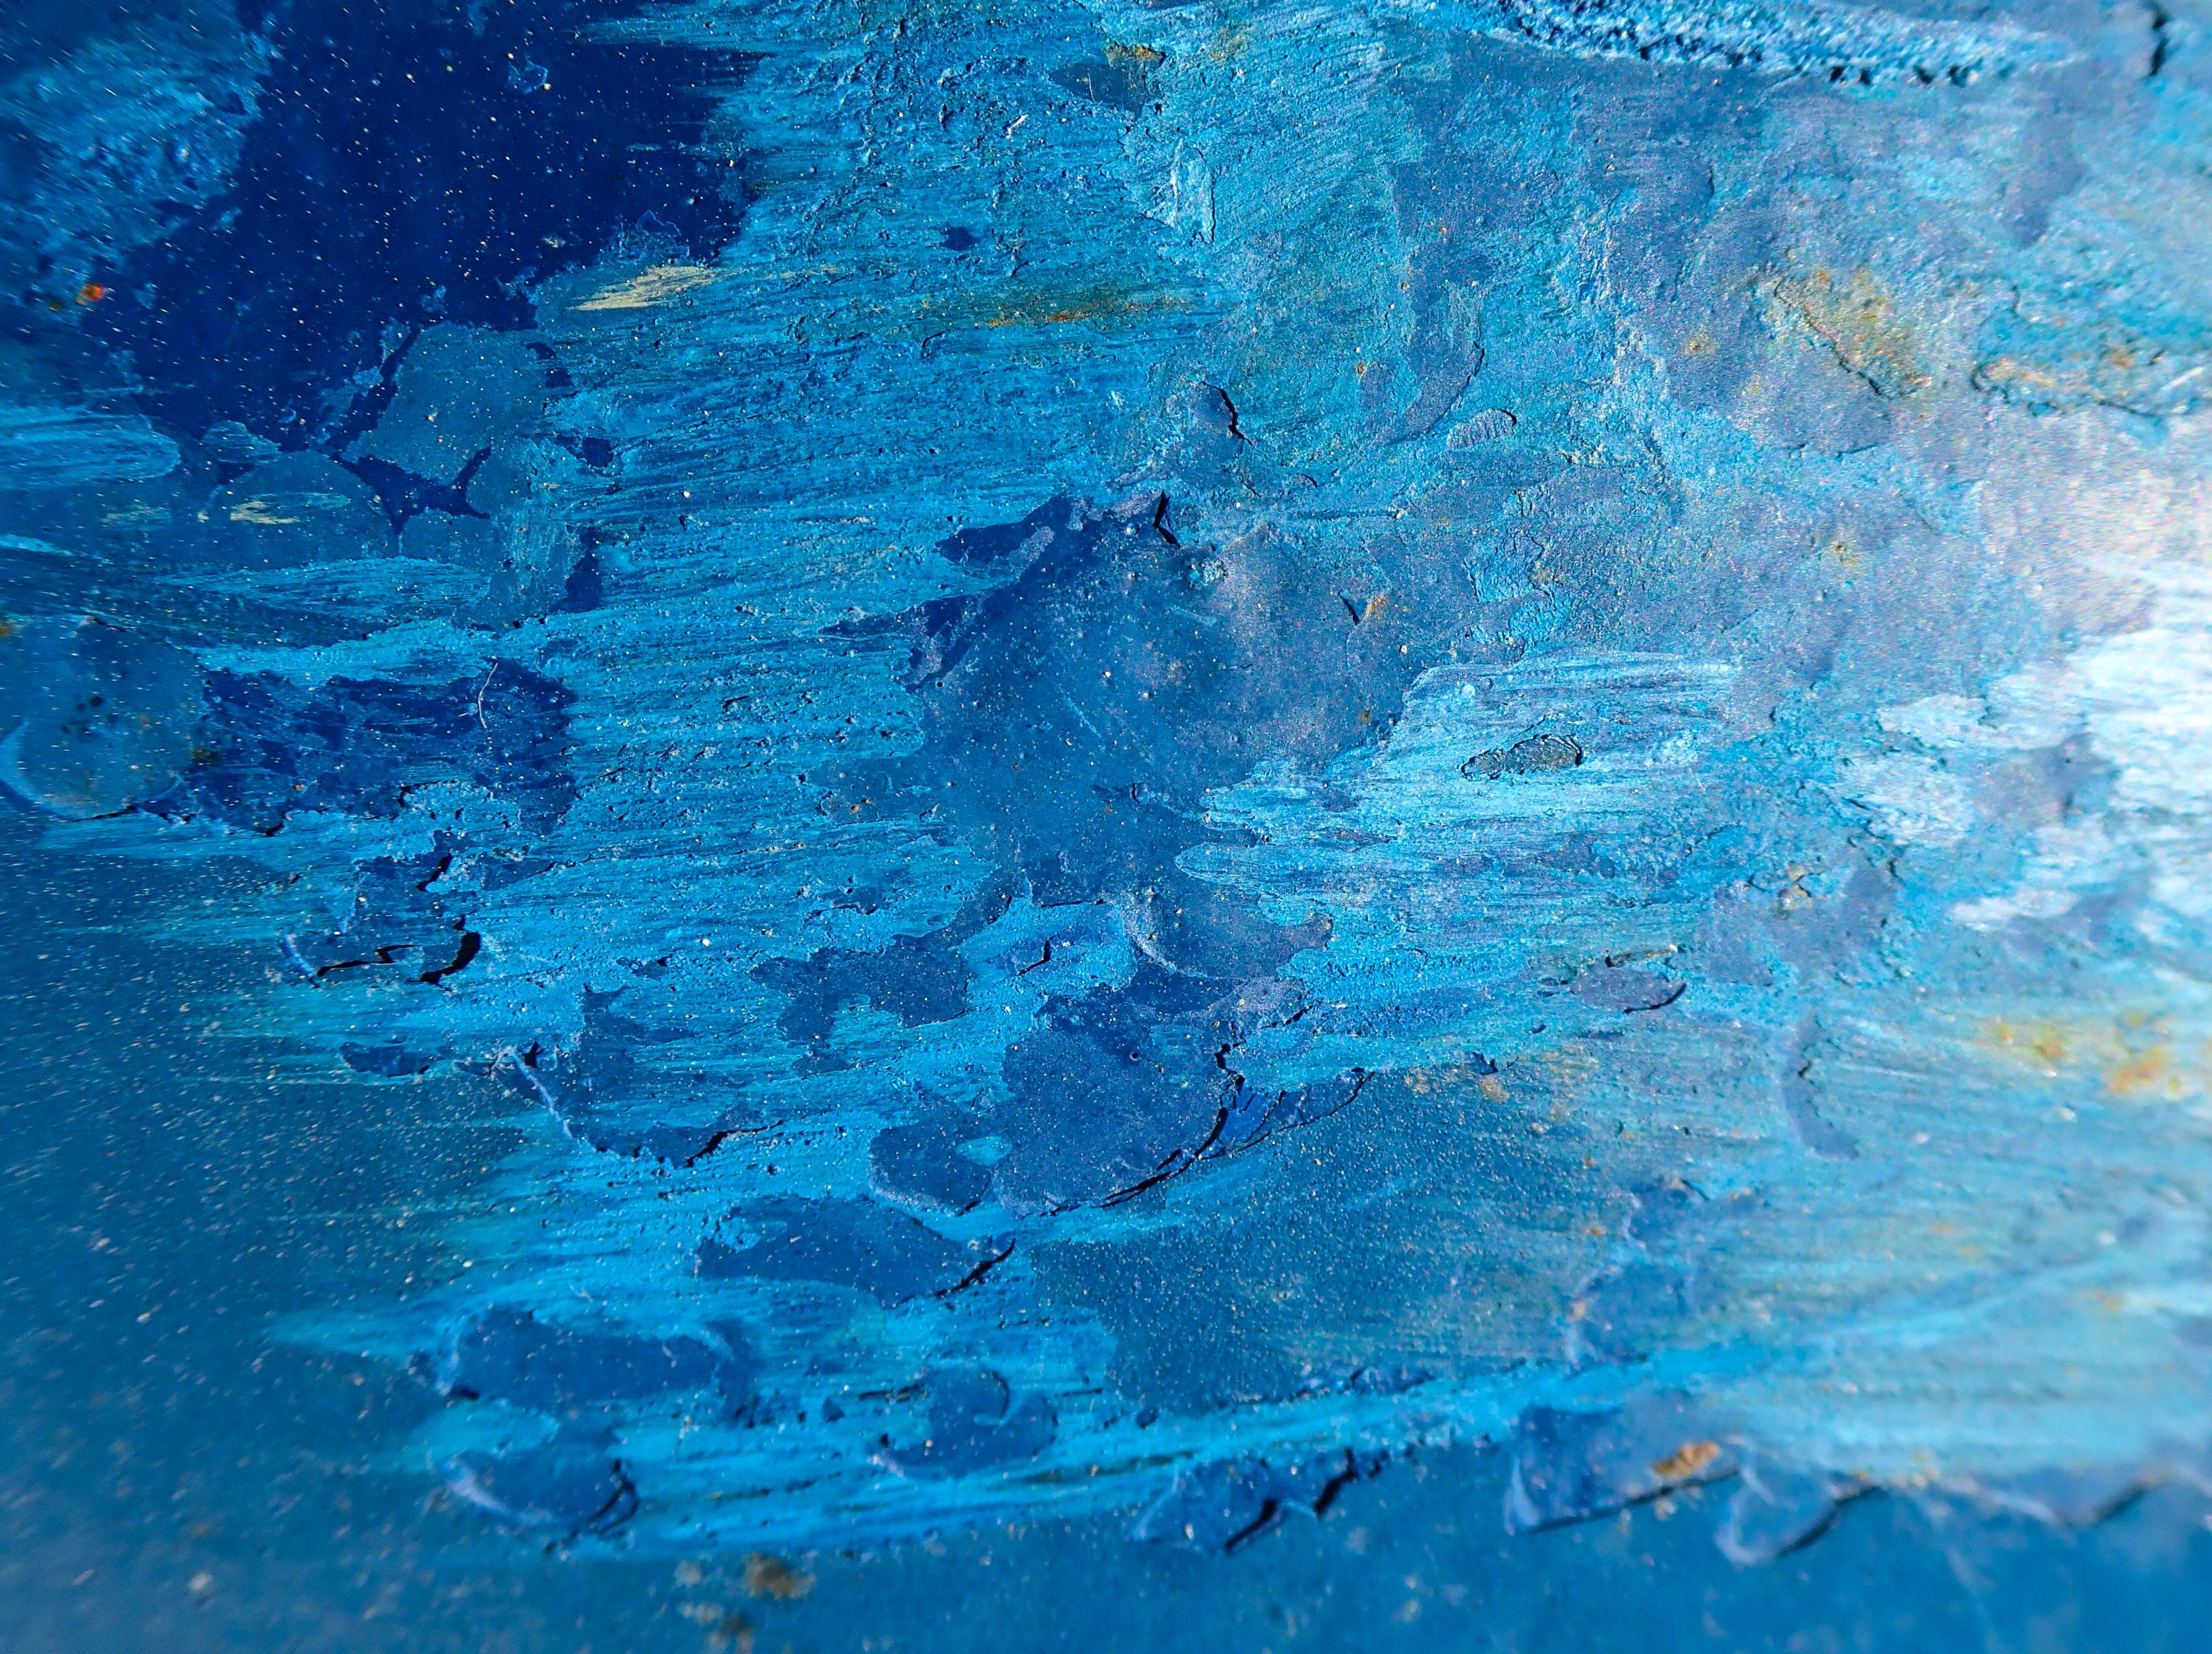 Δωρεάν στοκ φωτογραφιών με ακρυλική μπογιά, ανώμαλος, αφηρημένη ζωγραφική, μοντέρνα τέχνη